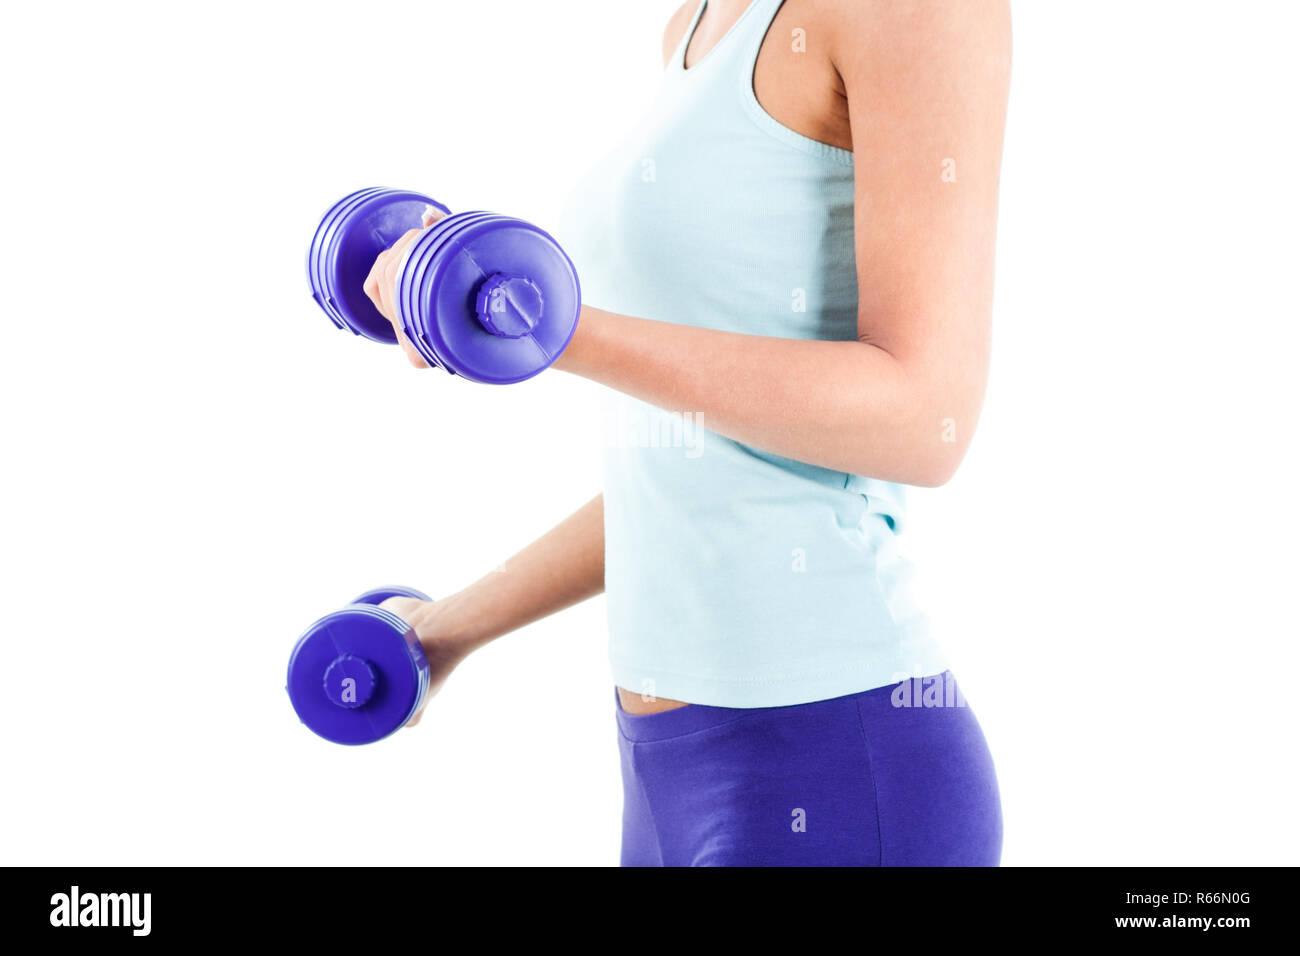 Chica fitness Imagen De Stock